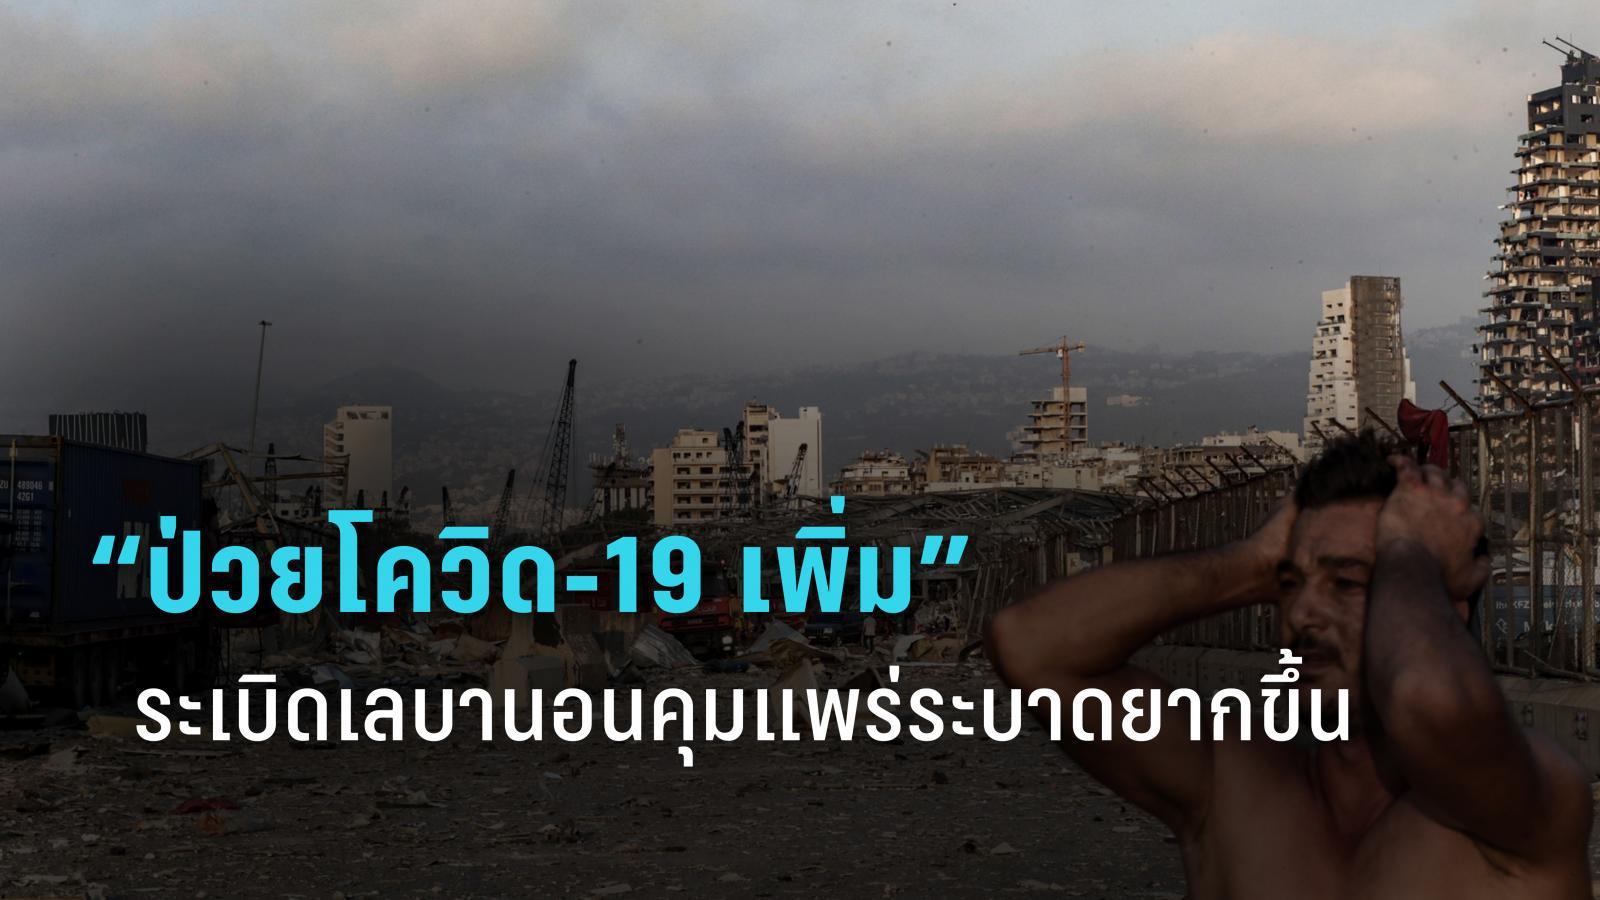 เลบานอนป่วยโควิด-19 พุ่งกว่า 300 ราย เหตุระเบิดทำให้ควบคุมแพร่ระบาดยากขึ้น